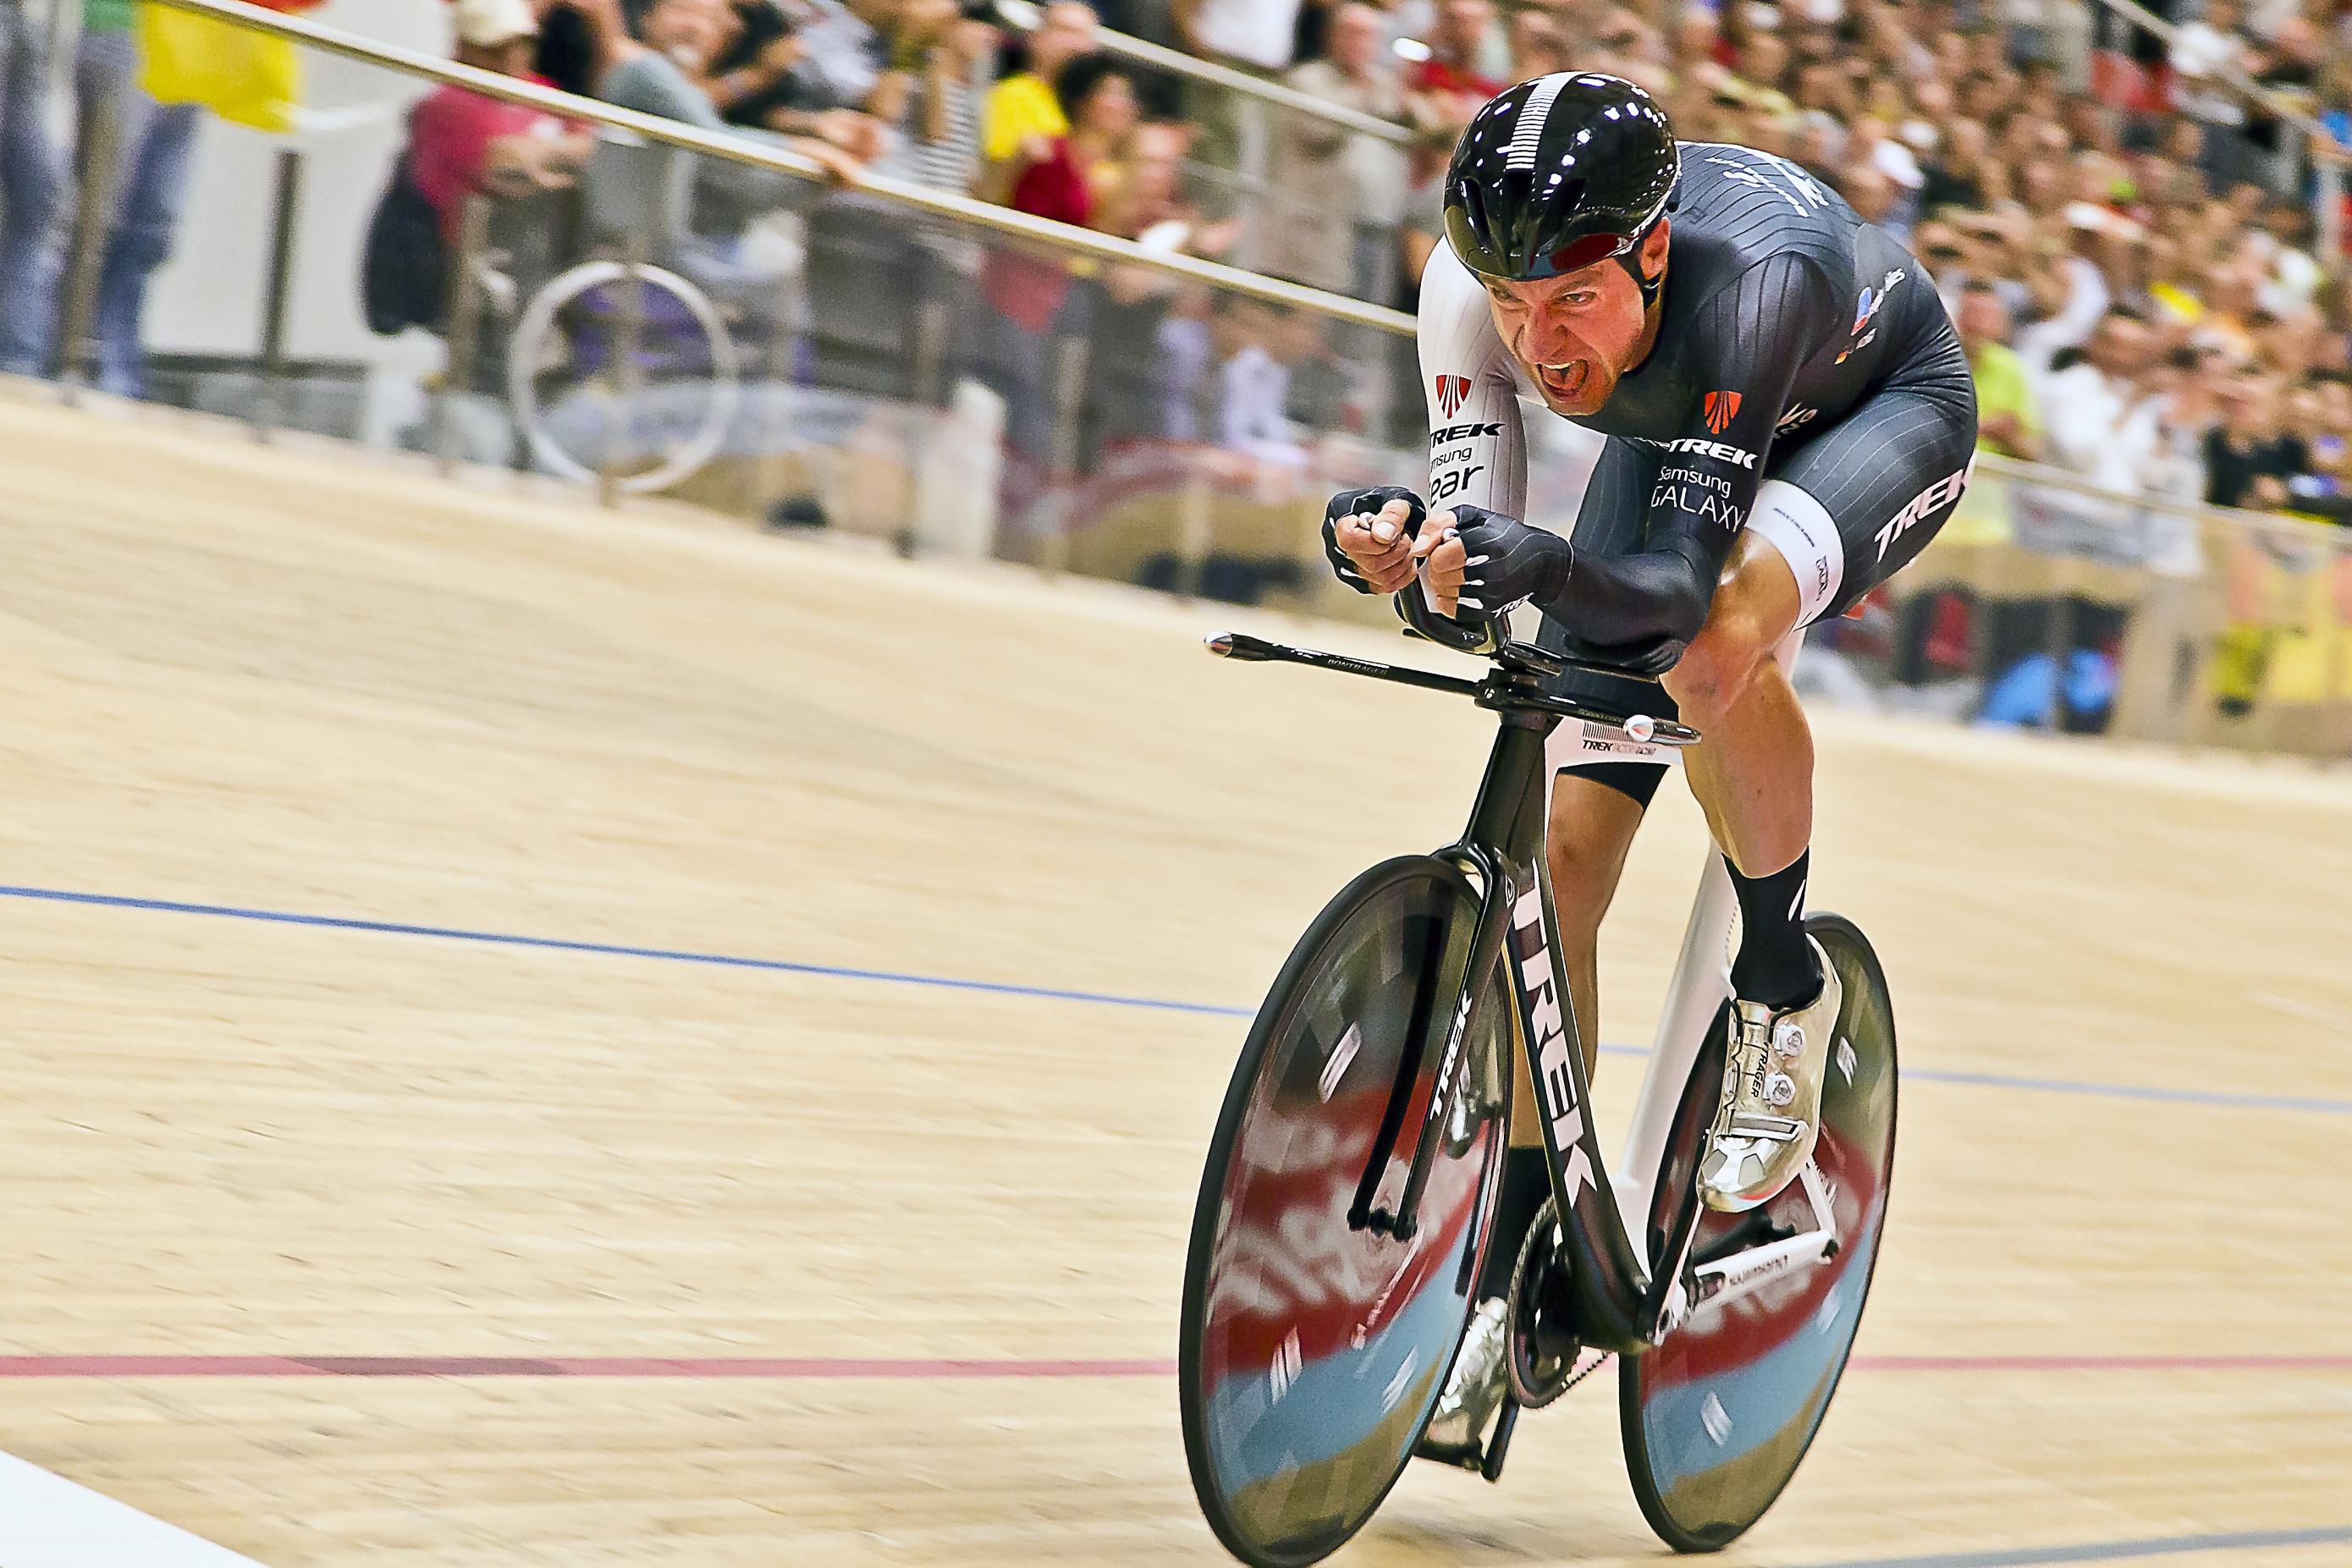 Jens Voigt při rekordní jízdě.